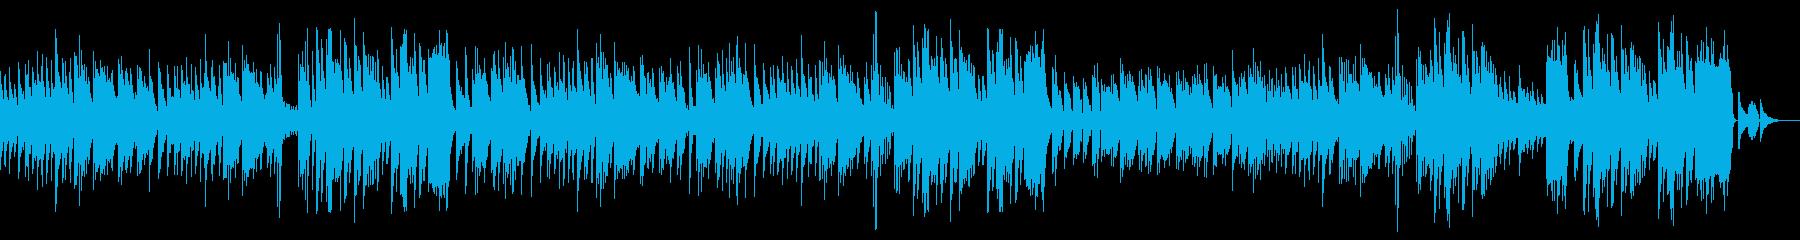 深夜の透明なpianoの再生済みの波形